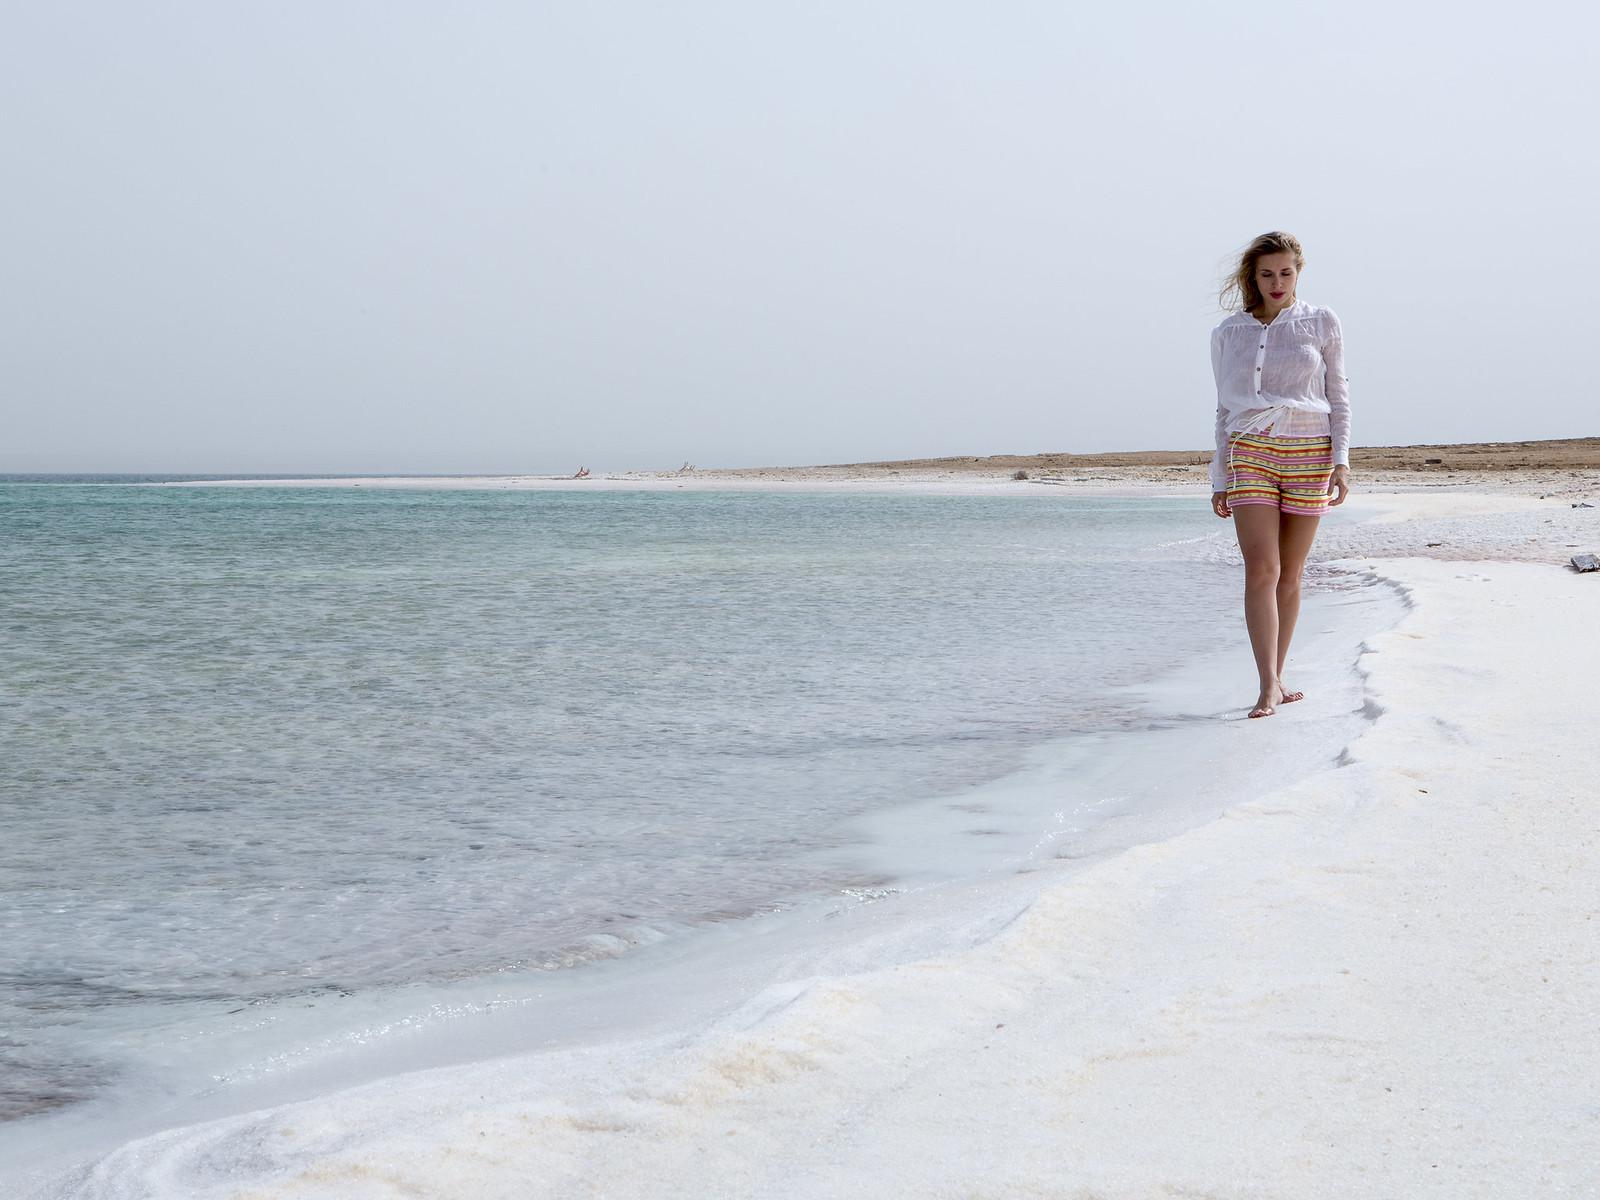 Dead Sea Salt_34C7140_Itamar Grinberg_IMOT